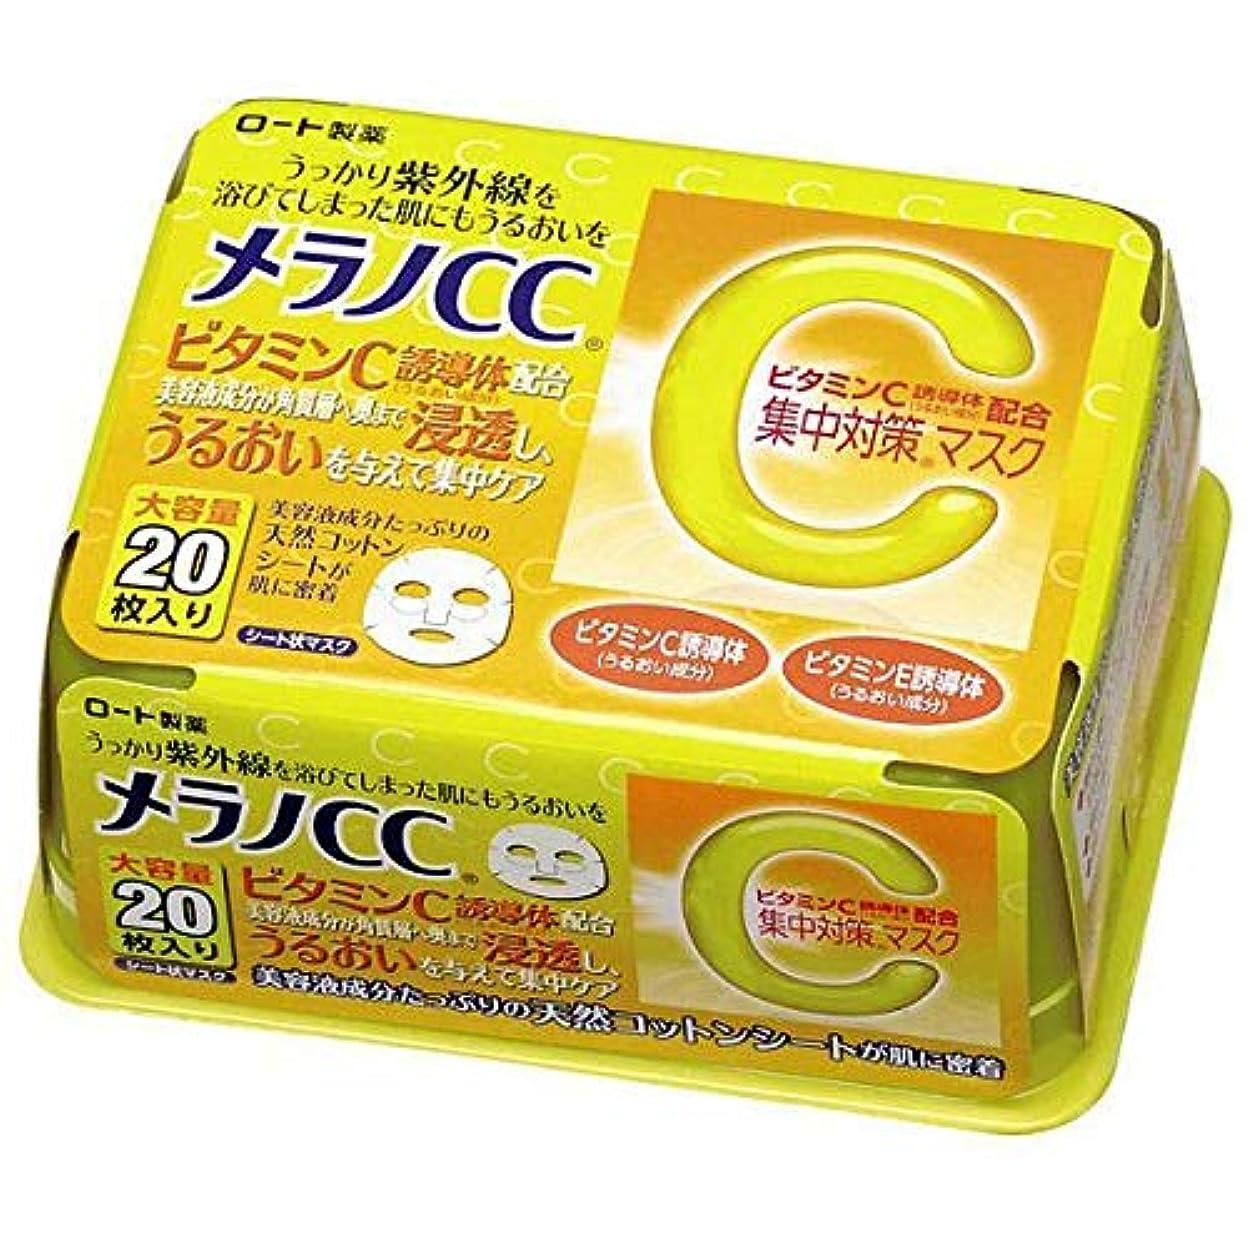 三角形楕円形家庭【お徳用】ロート製薬 メラノCC 集中対策マスク 20枚入 パック シートタイプ 大容量タイプ×24点セット (4987241135028)